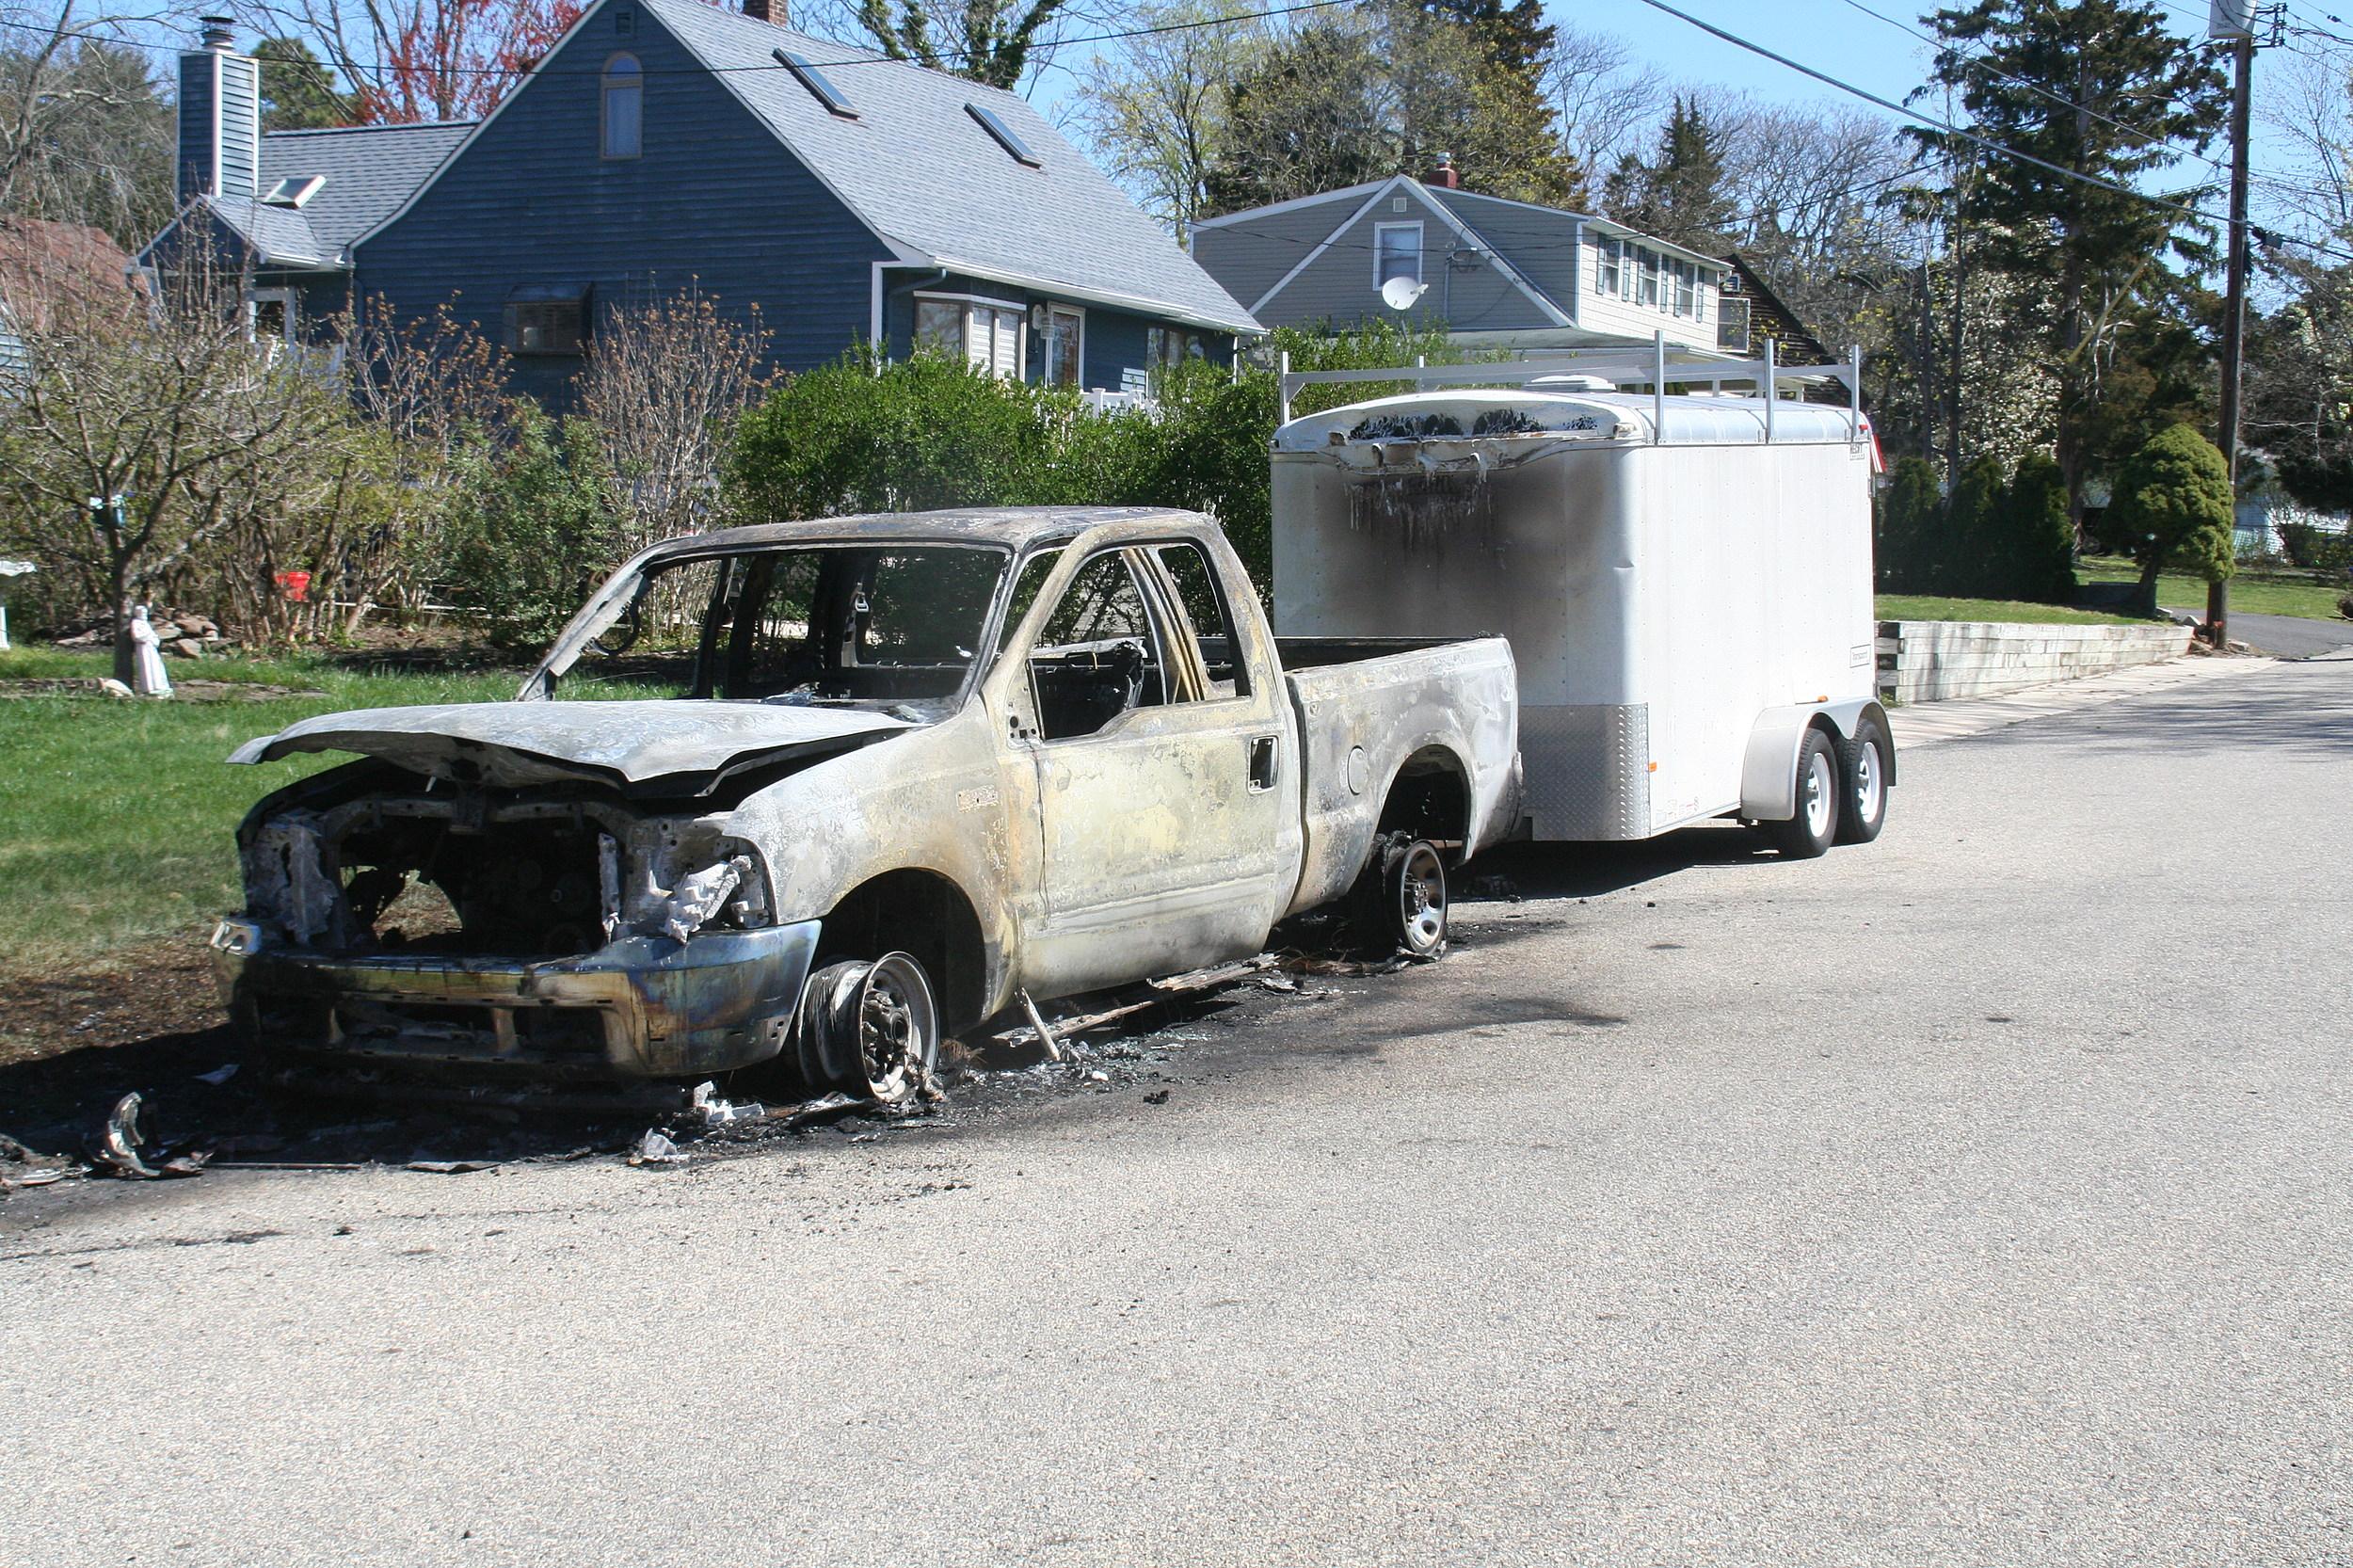 toms river truck fire probed. Black Bedroom Furniture Sets. Home Design Ideas